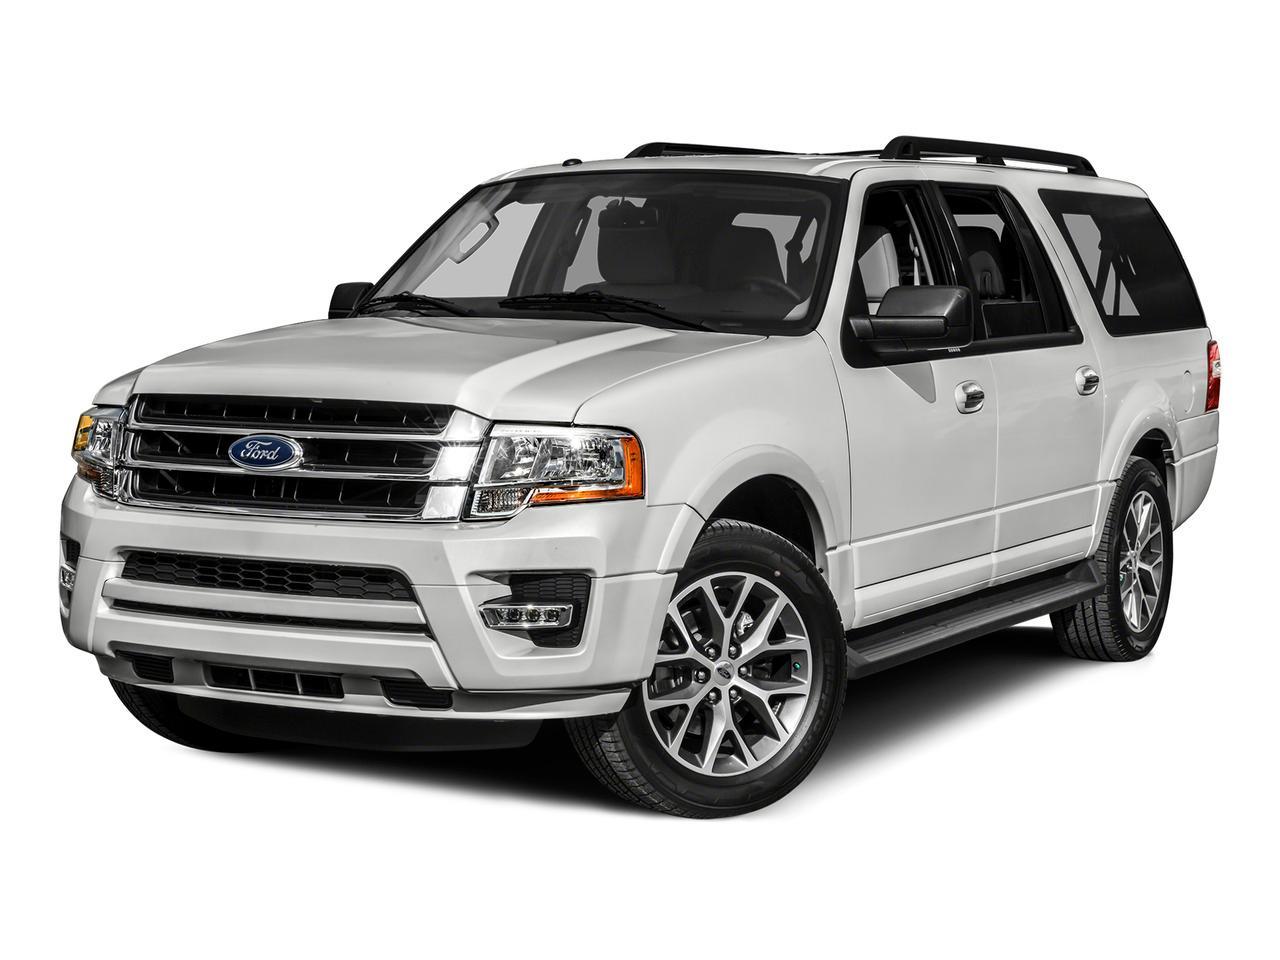 2015 Ford Expedition EL Vehicle Photo in San Antonio, TX 78238